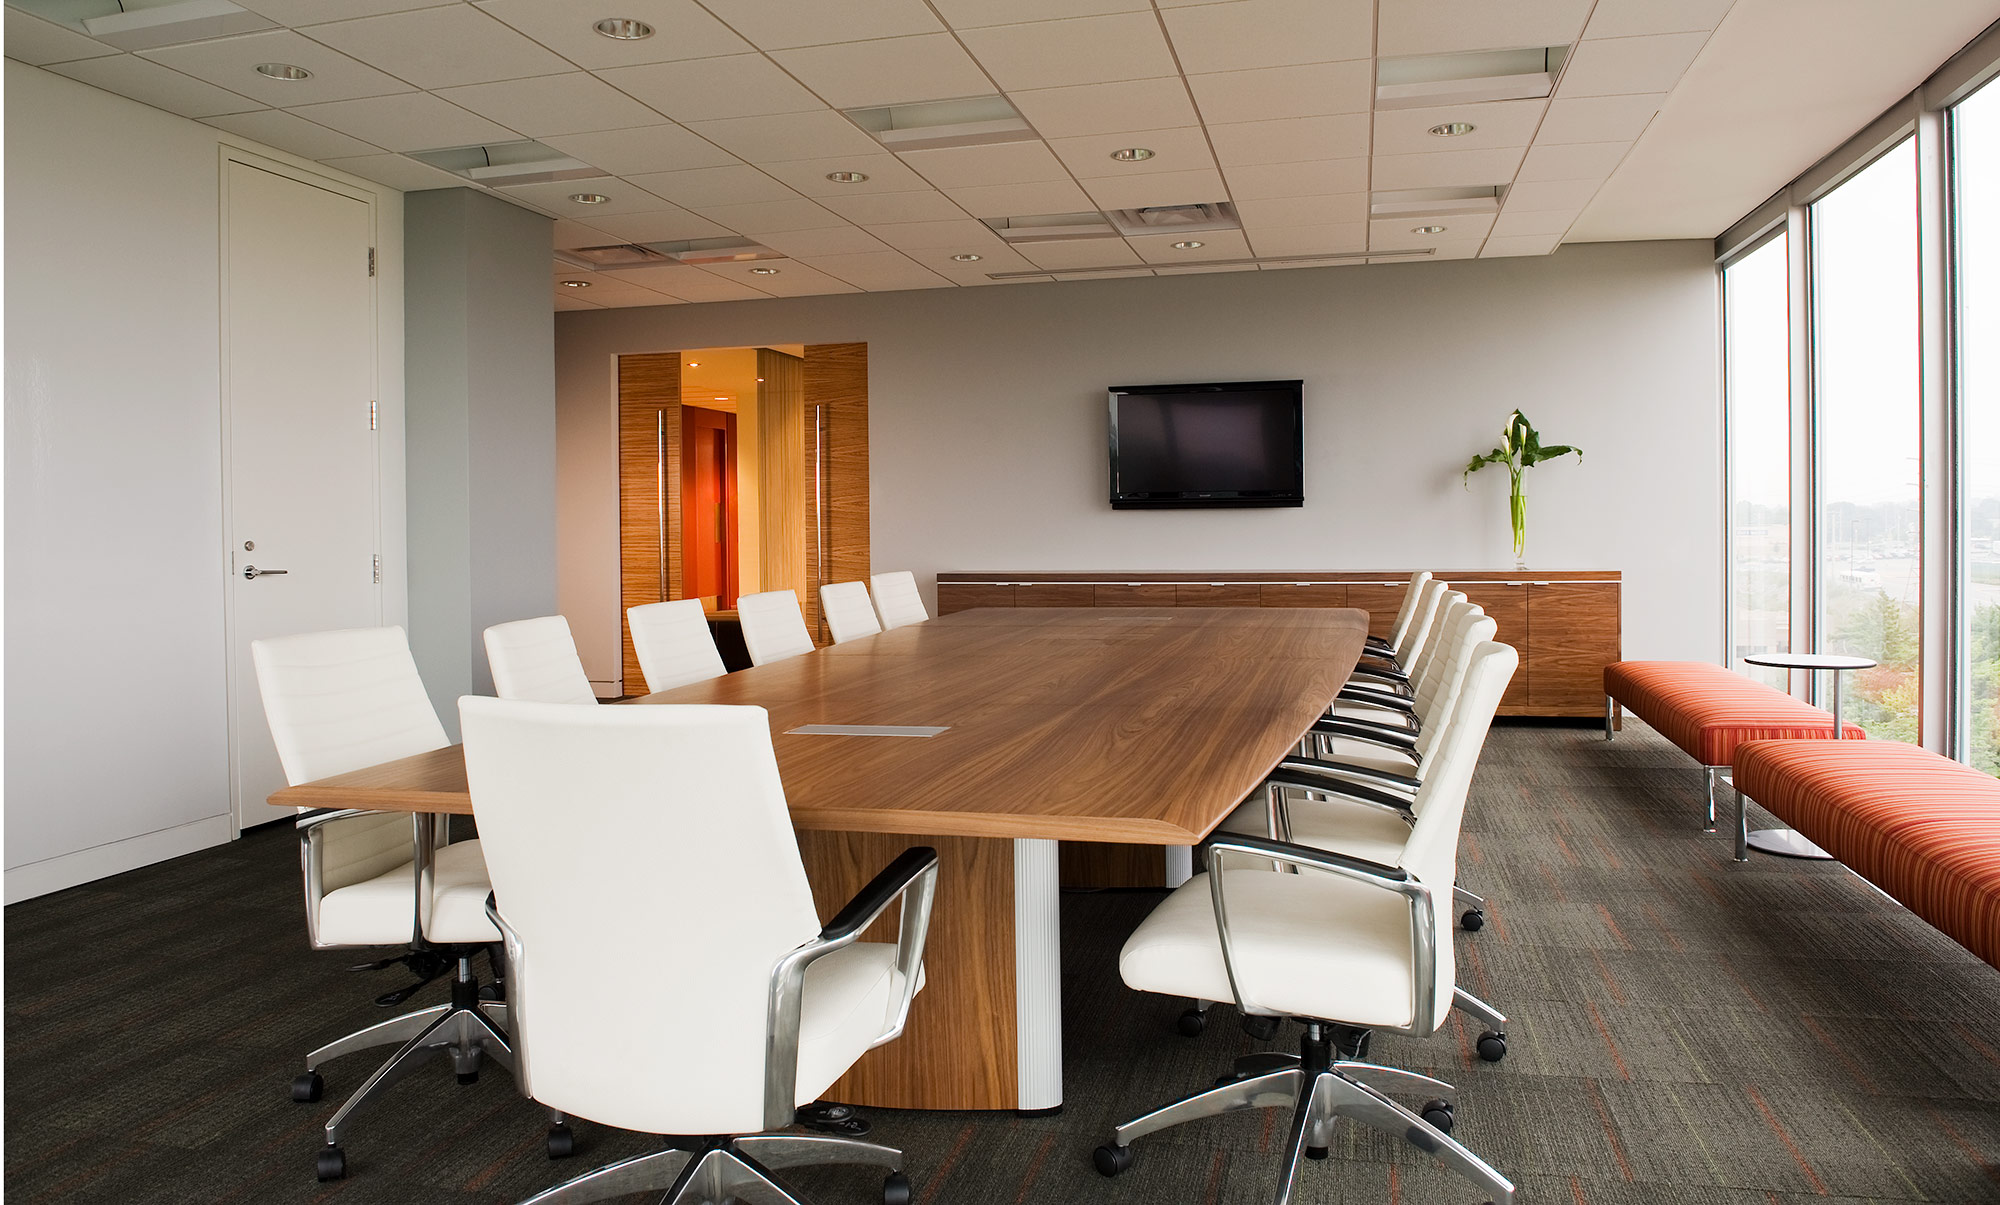 interior-design-media-office-boardroom-table.jpg